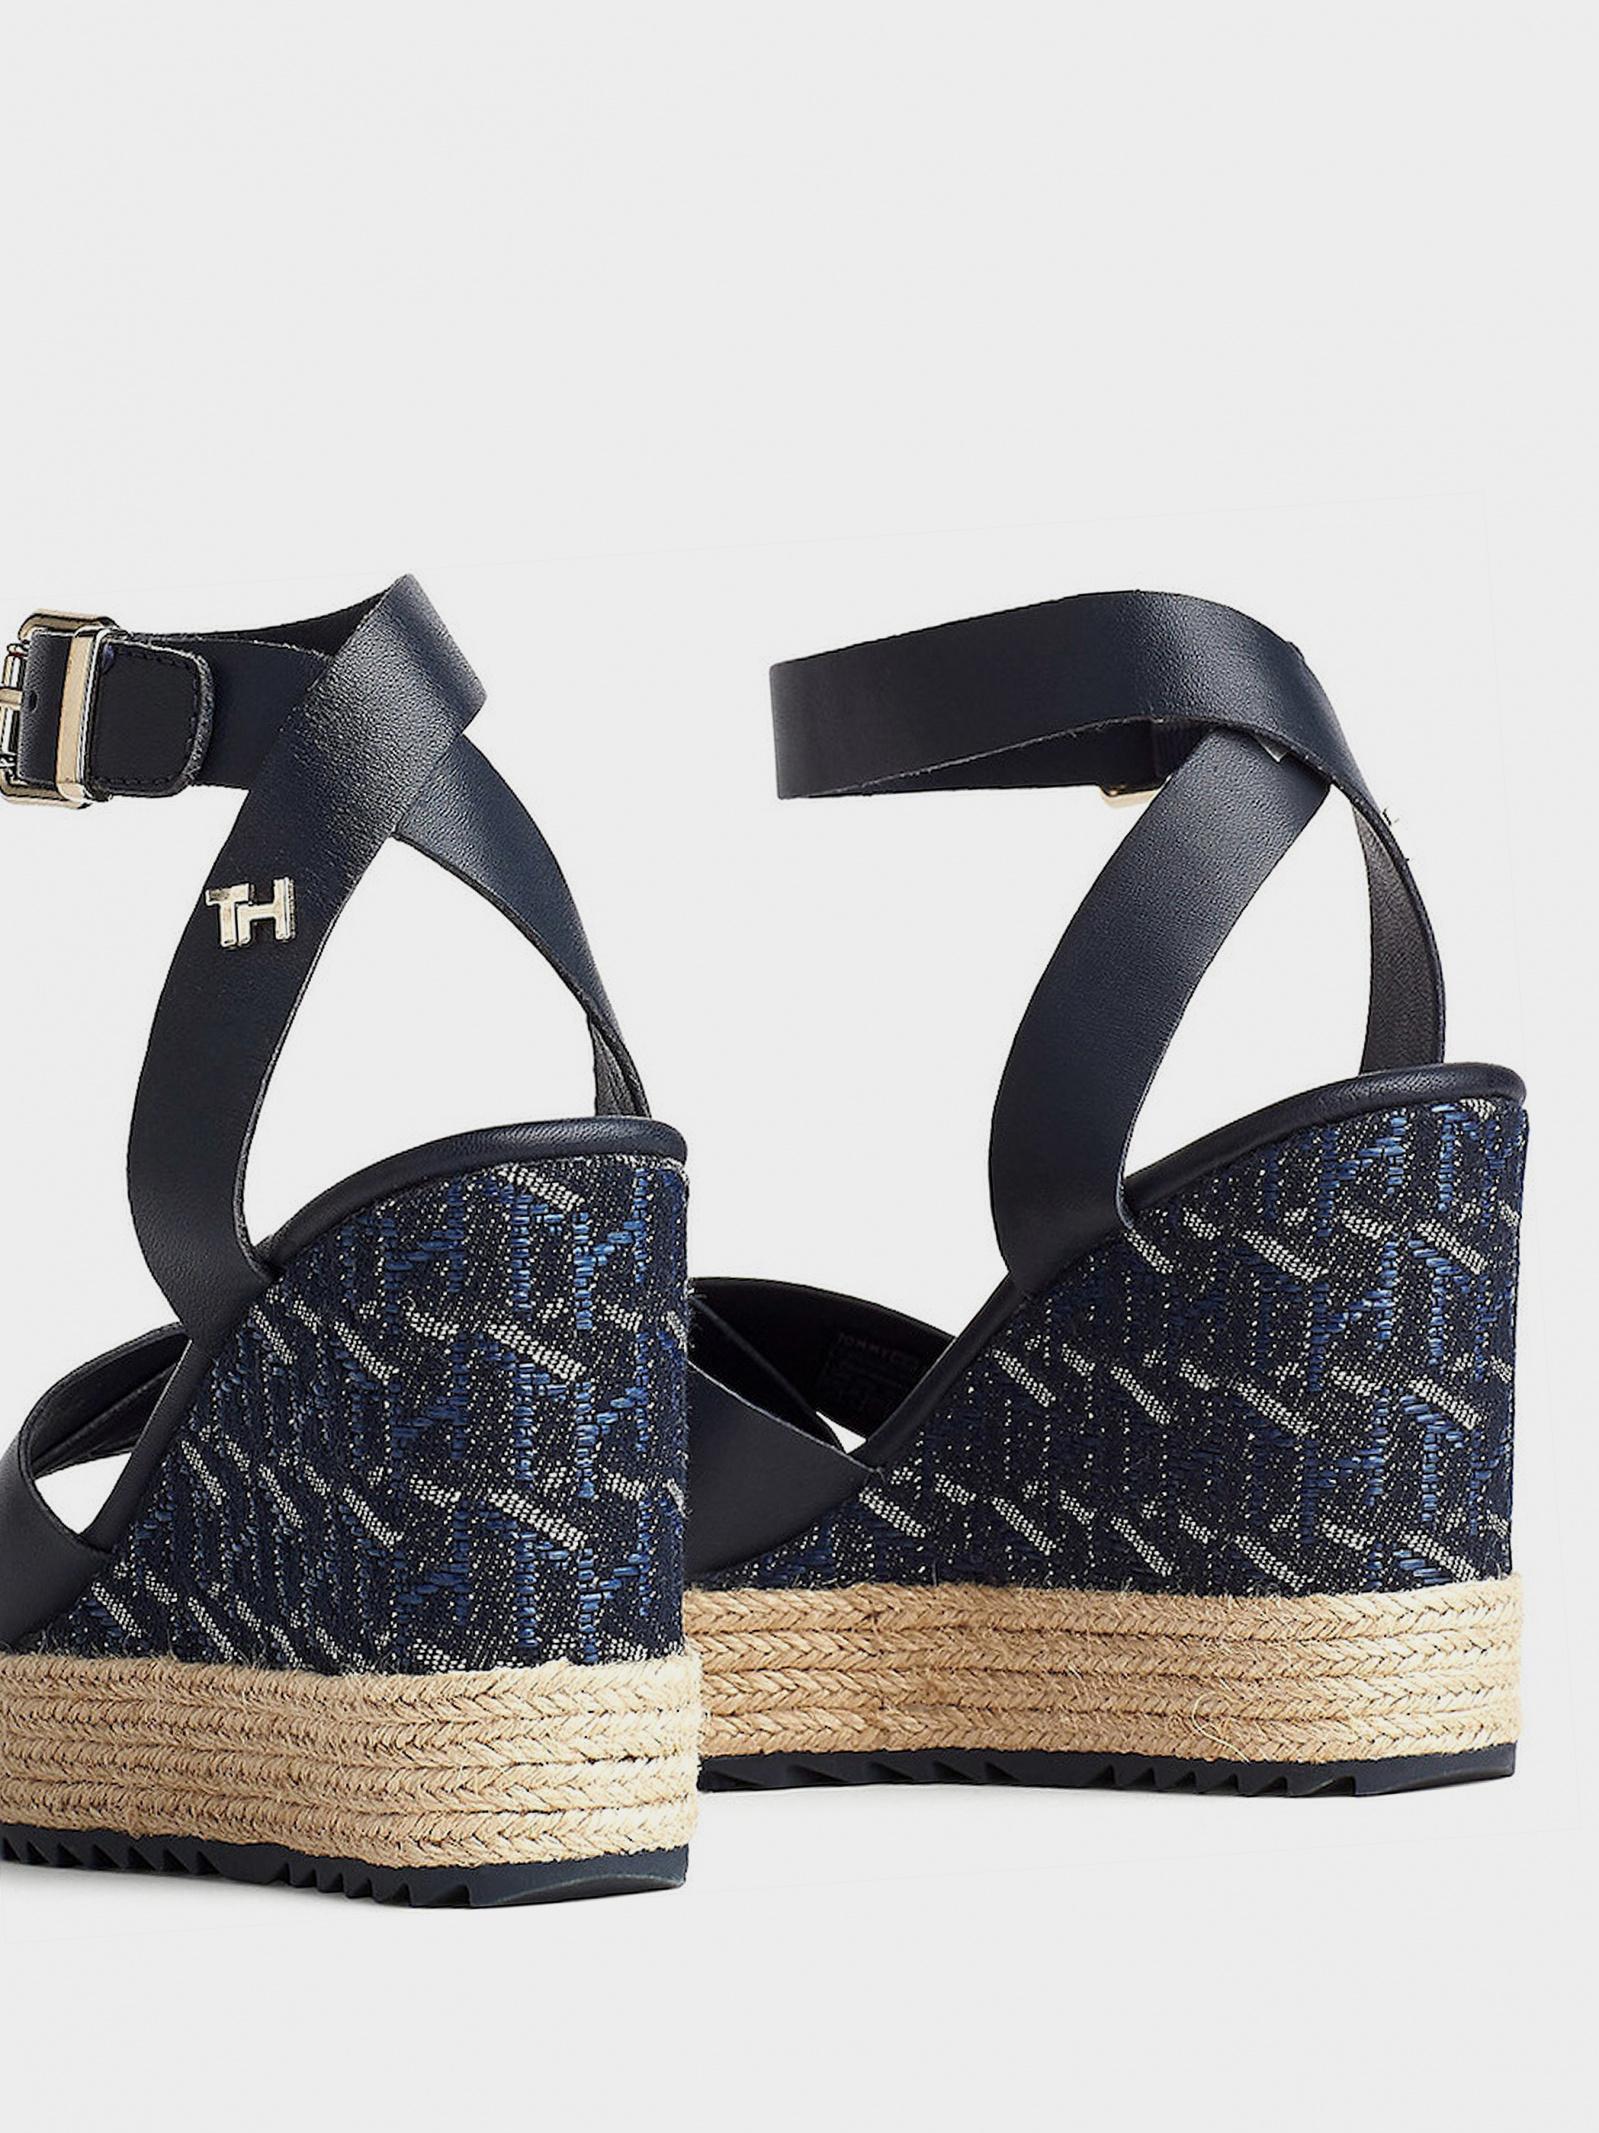 Босоніжки  для жінок Tommy Hilfiger FW0FW04842-DW5 купити, 2017